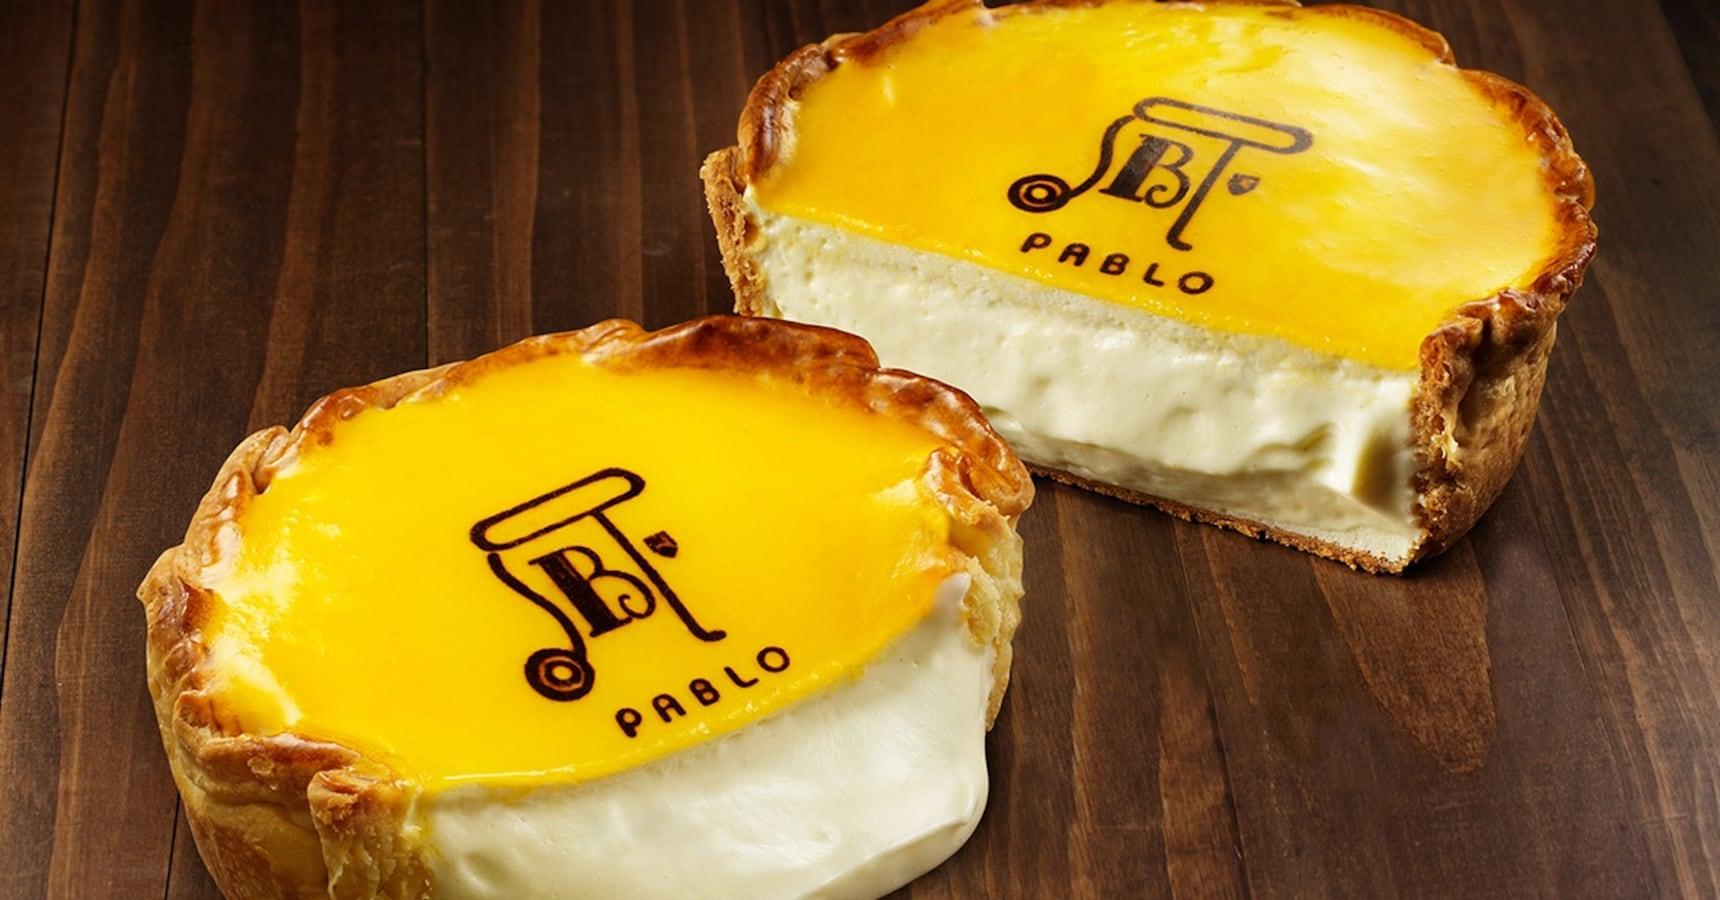 รวม 15 เมนูลับของ Pablo ชีสเค้กญี่ปุ่นเจ้าดัง